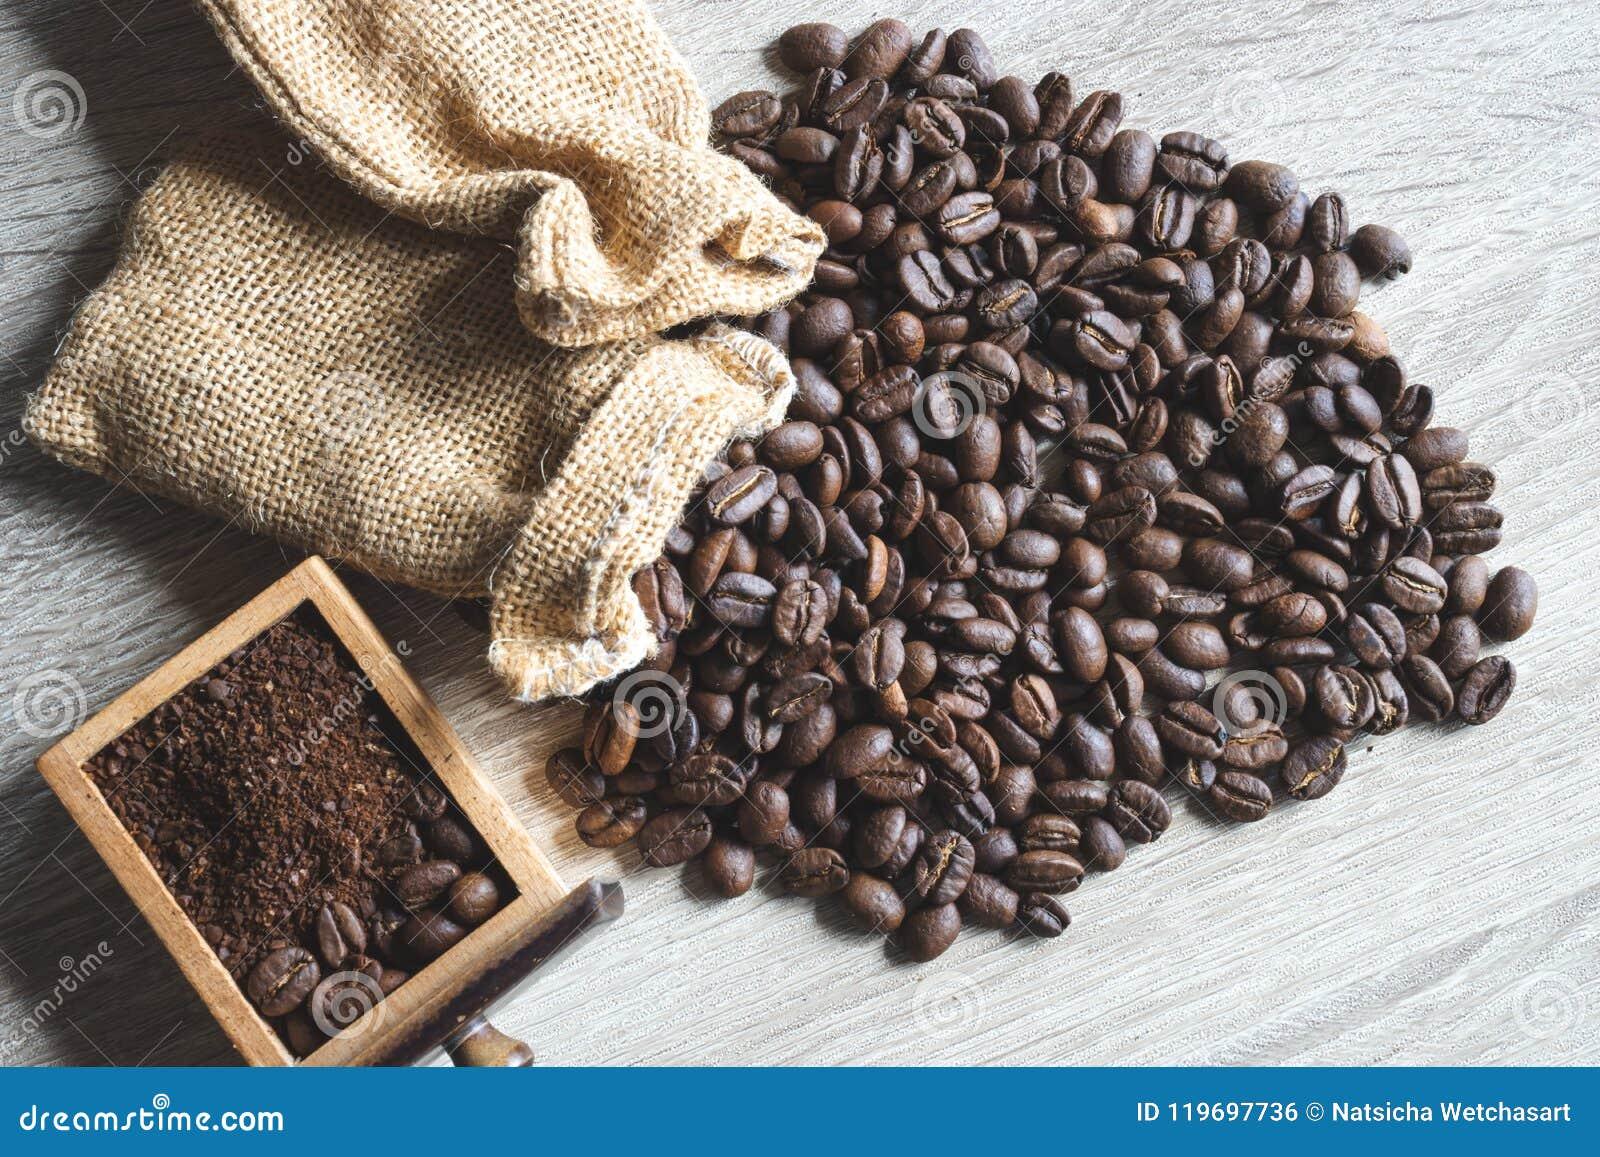 Κλείστε τα επάνω ψημένα φασόλια καφέ με το μικρό σάκο και το συντριμμένο φασόλι